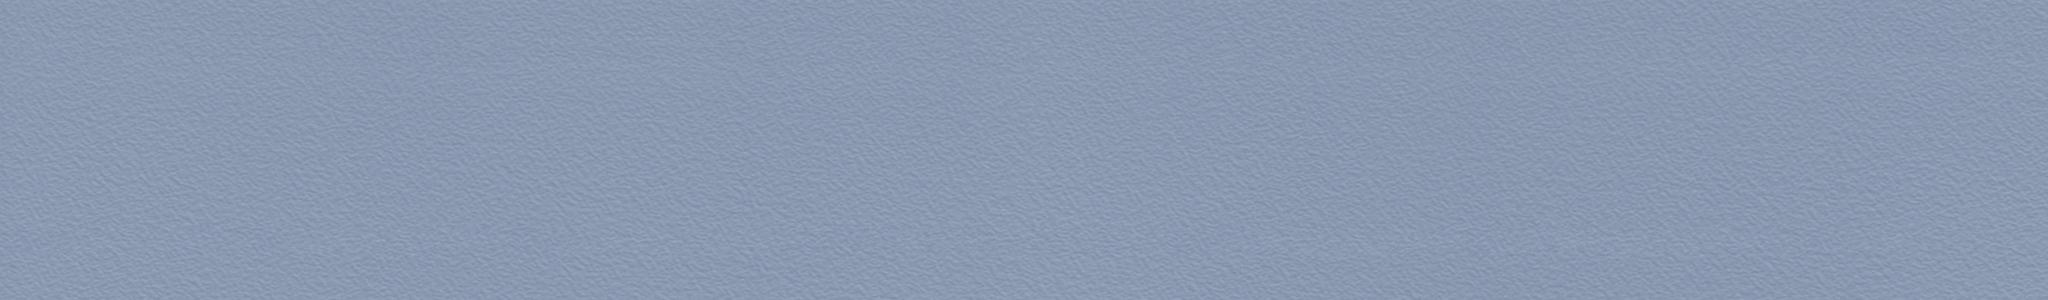 HU 158001 Bordo in ABS Sky Blue Cera XG